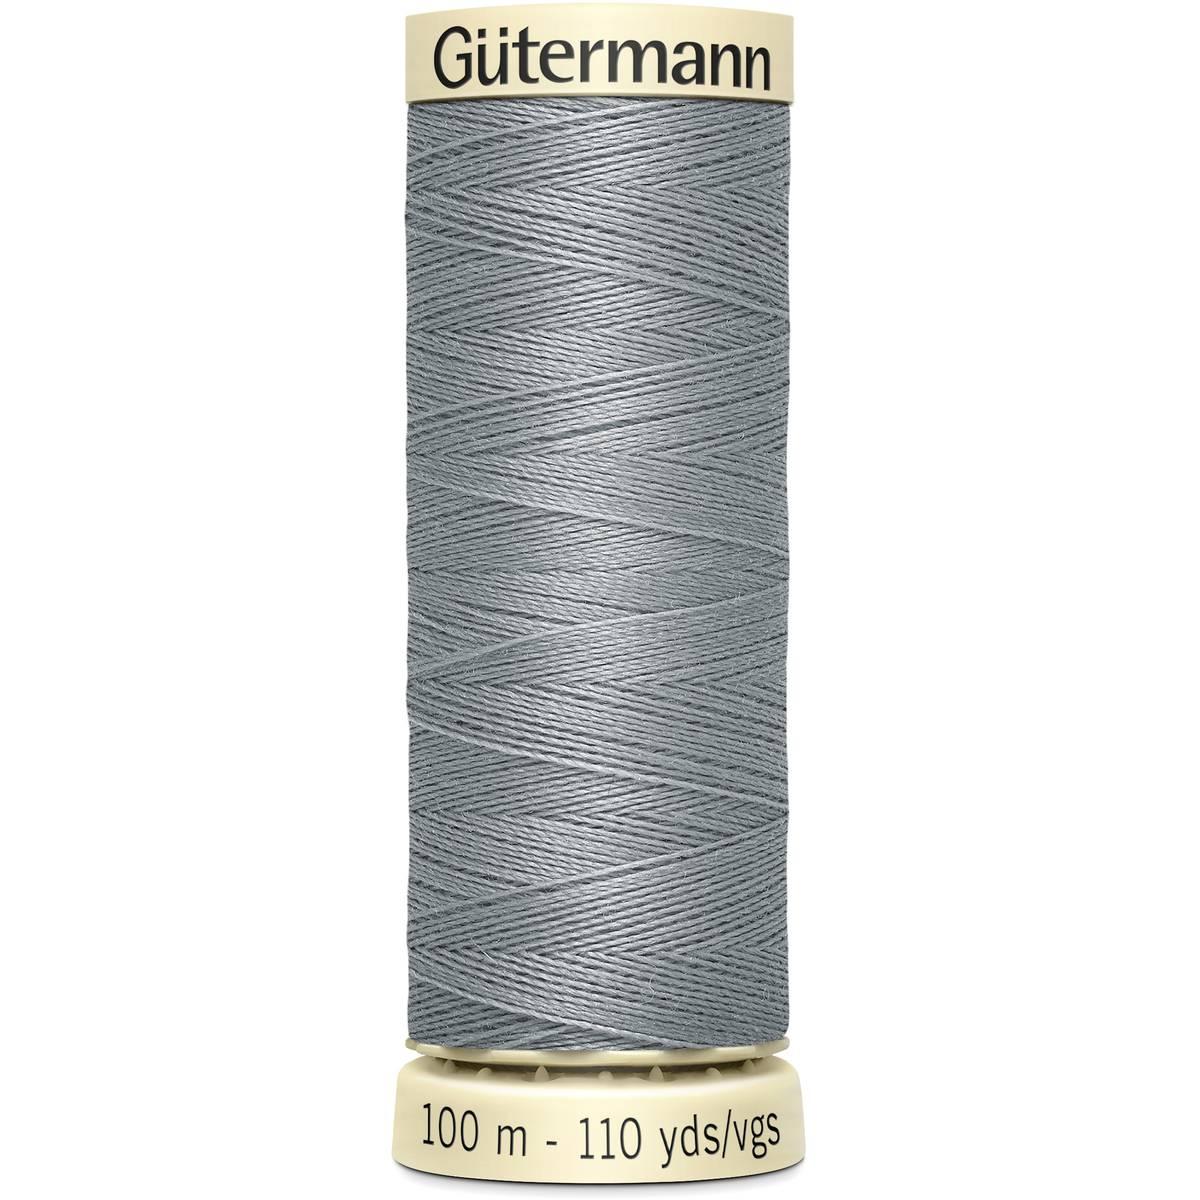 חוט תפירה גוטרמן - Grey 40